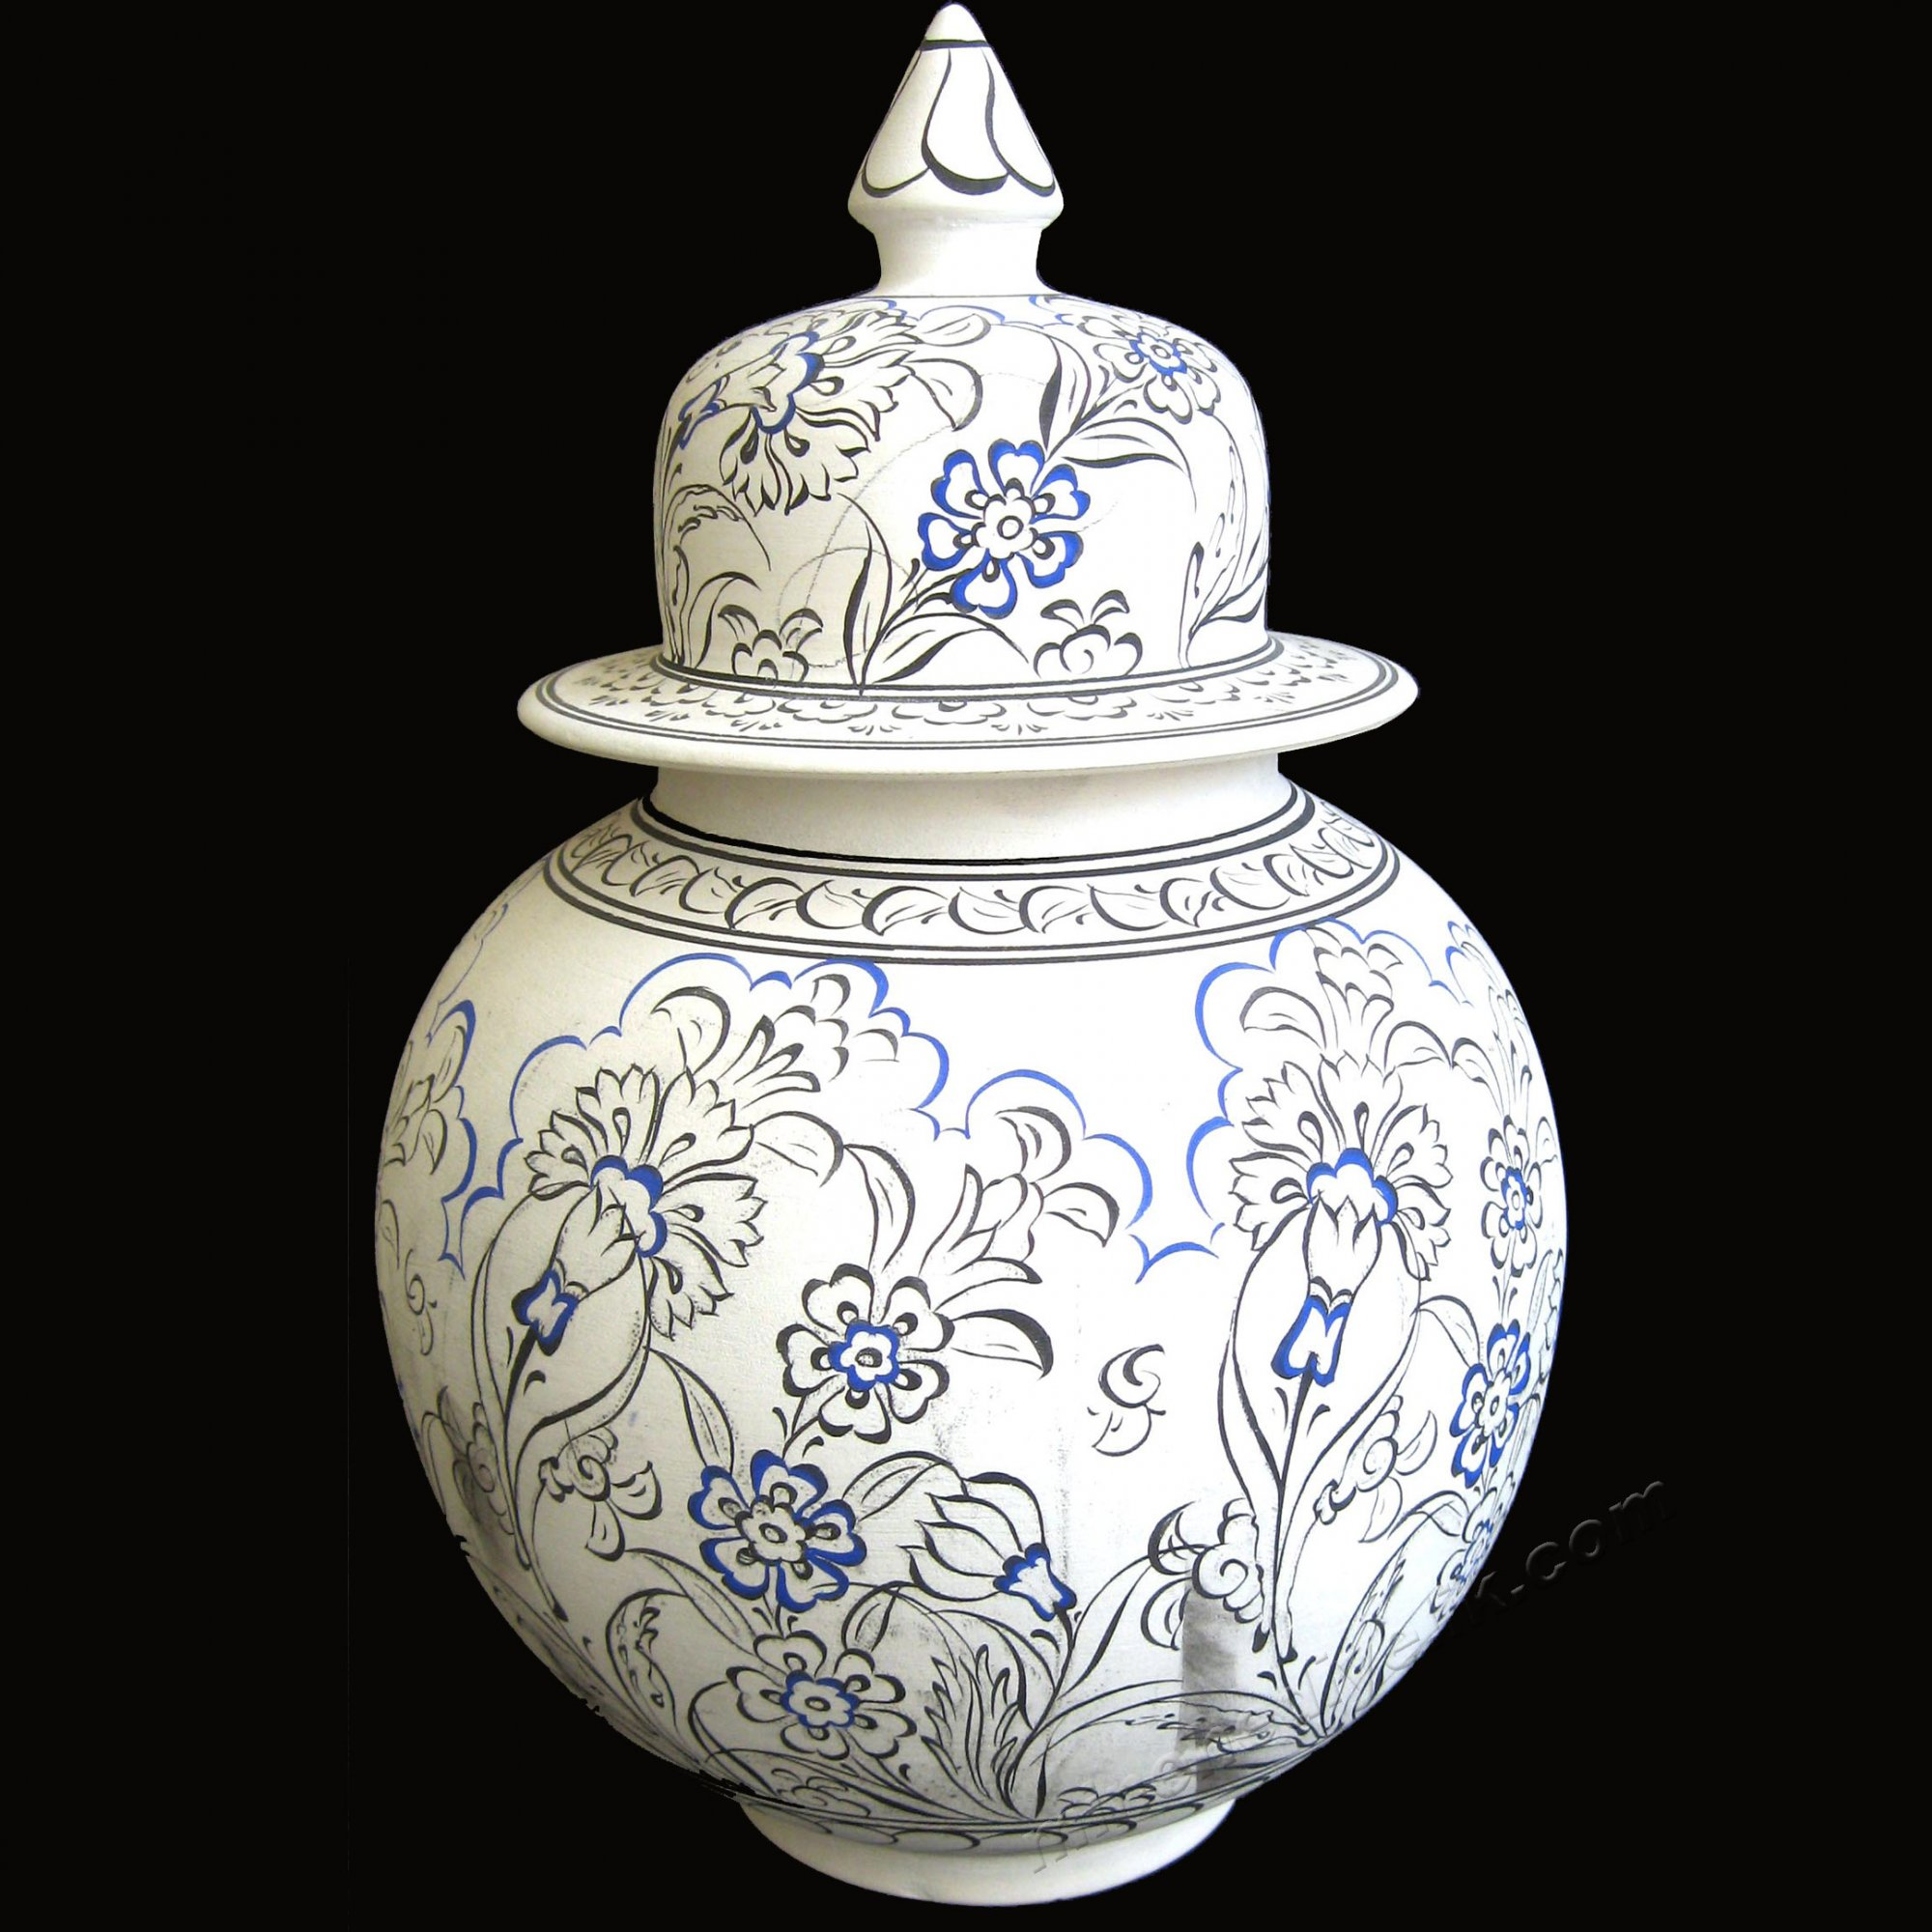 Türk çini sanatı nasıl yapılır çizilir boyanır, kavanoz desenleri, çini klasik lale çizimleri tahrirleri, desen tahriri, küp üzerinde çini çizimler